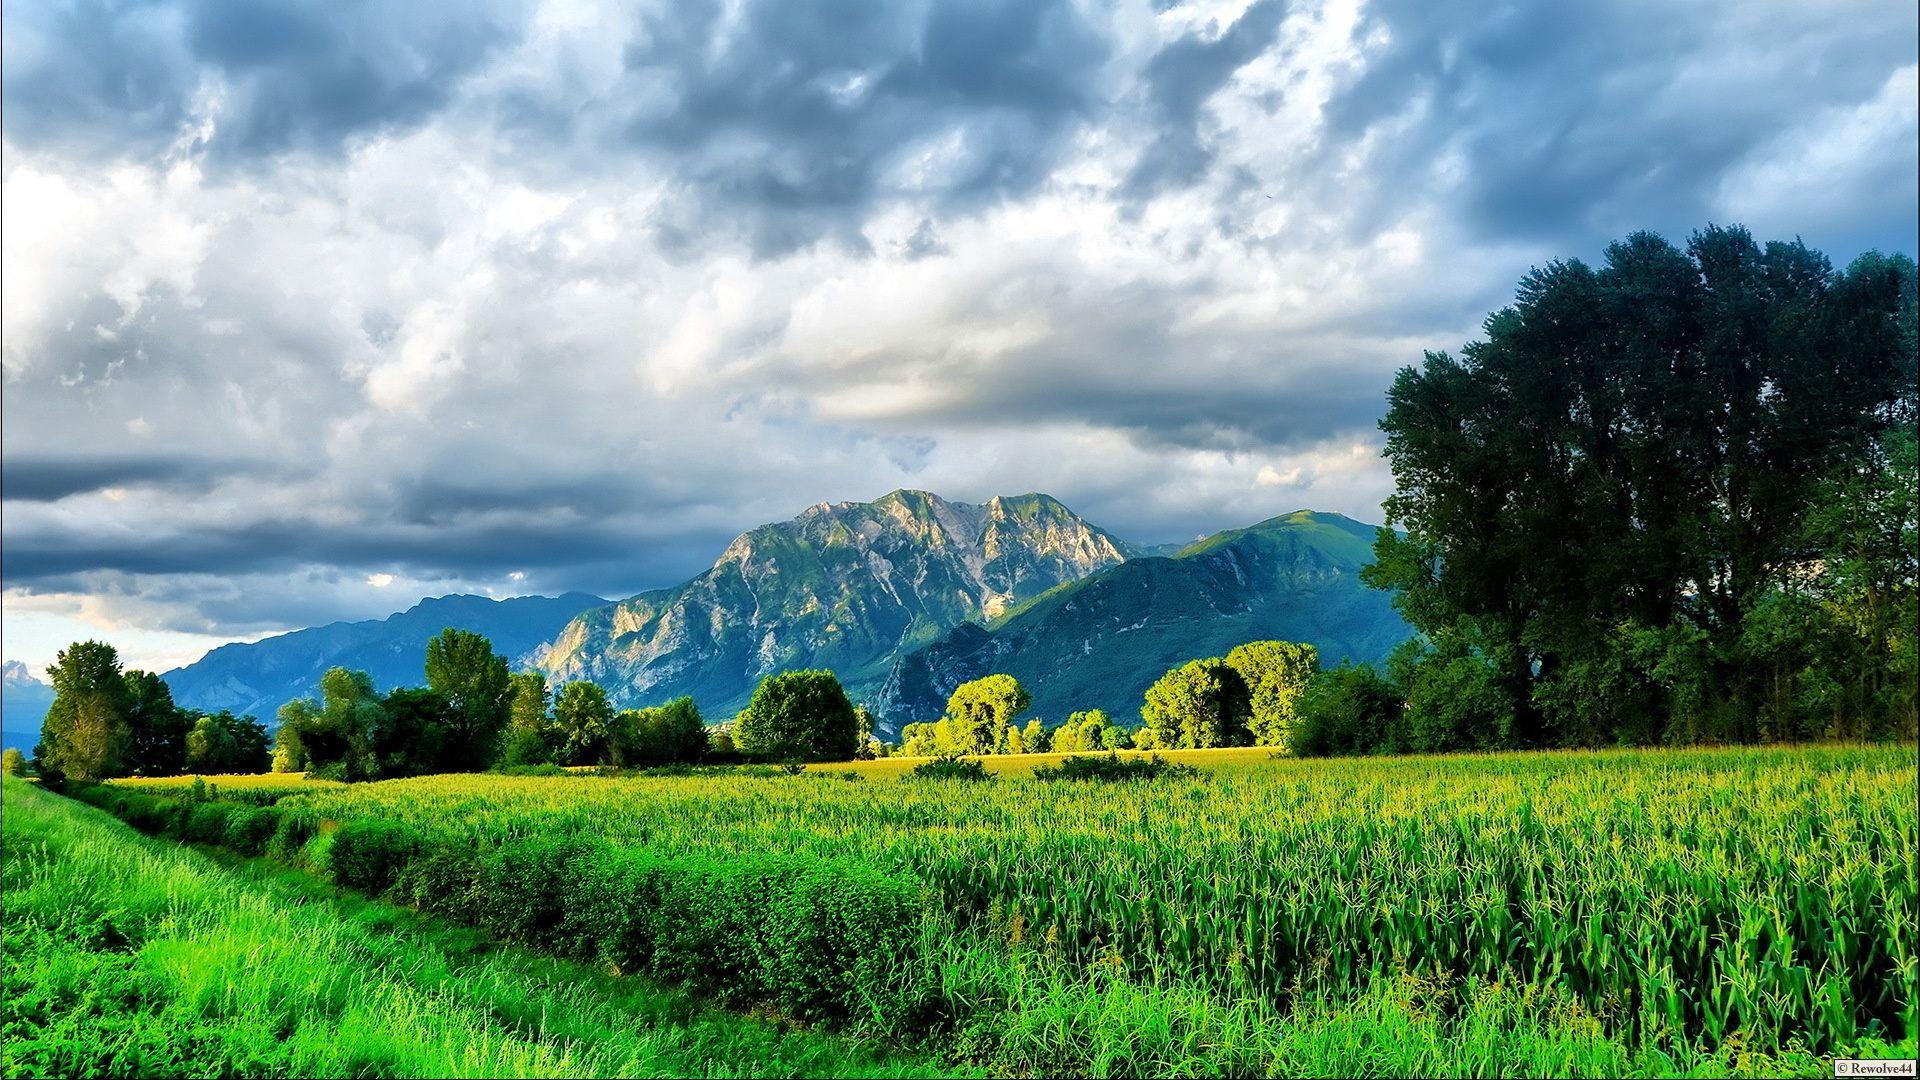 127234 Hintergrundbild herunterladen Grünen, Natur, Mountains, Sommer, Hell, Straße, Grüne, Feld, Mais - Bildschirmschoner und Bilder kostenlos